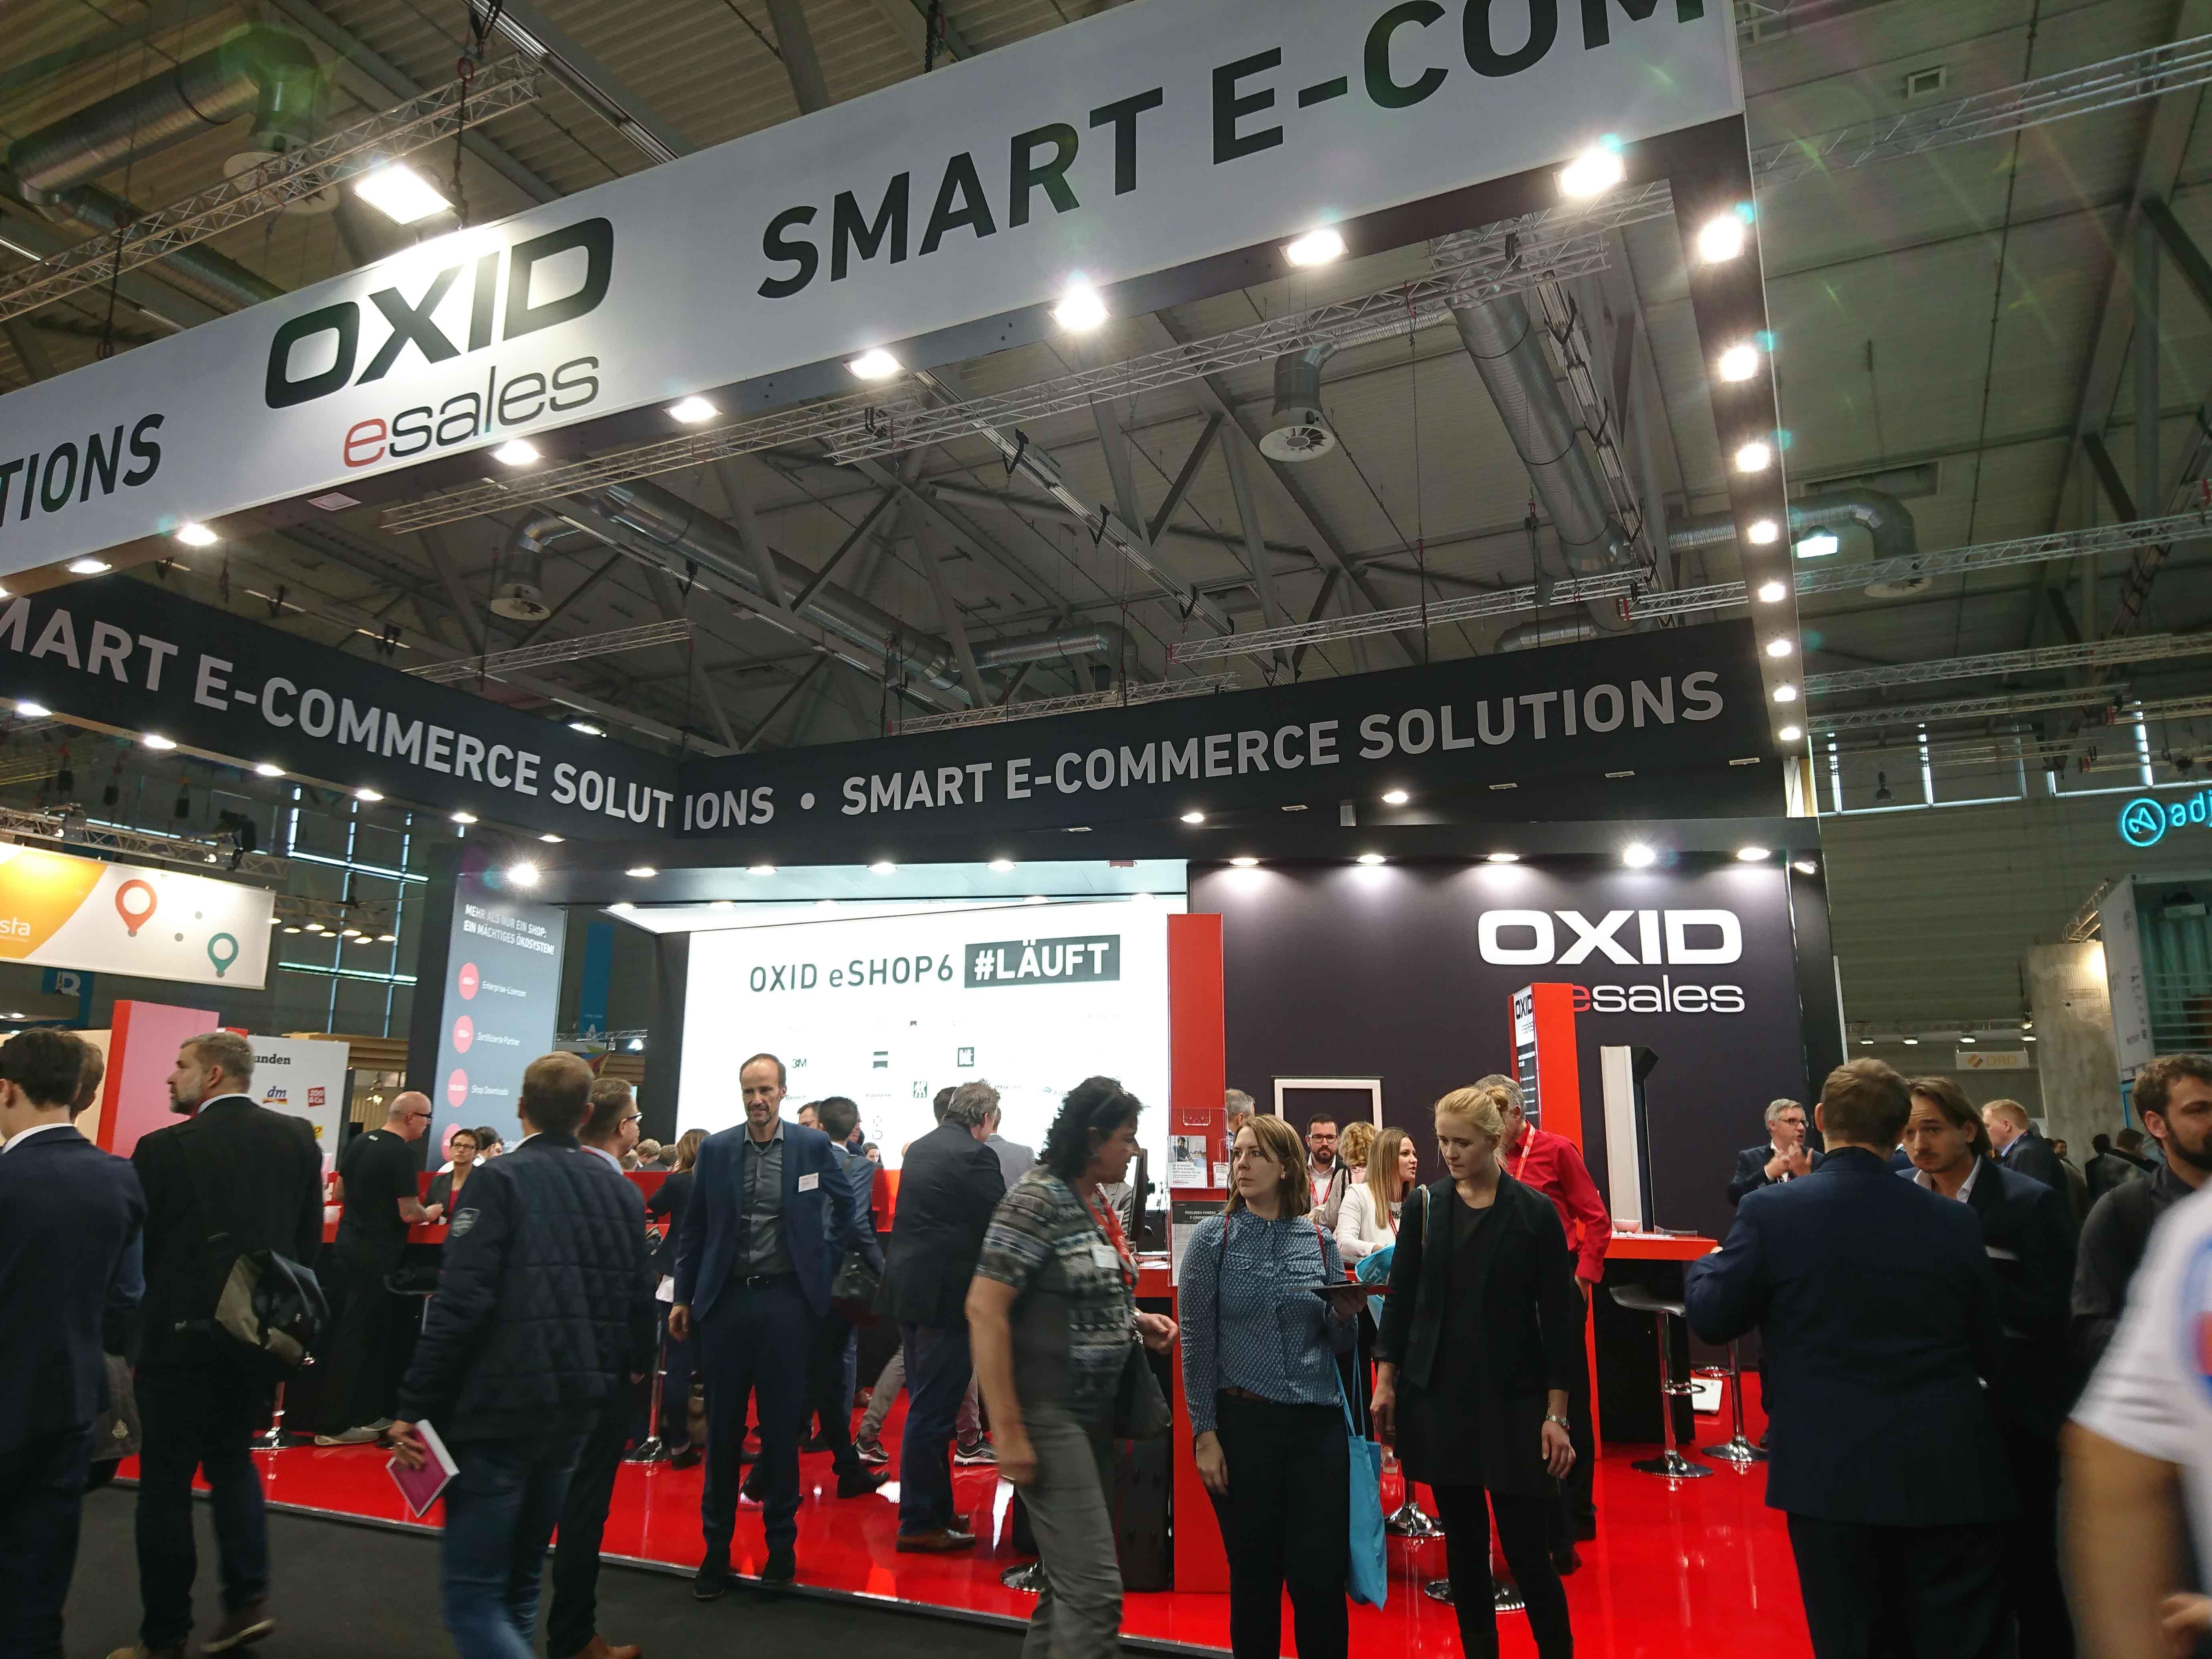 OXID esales auf der dmexco